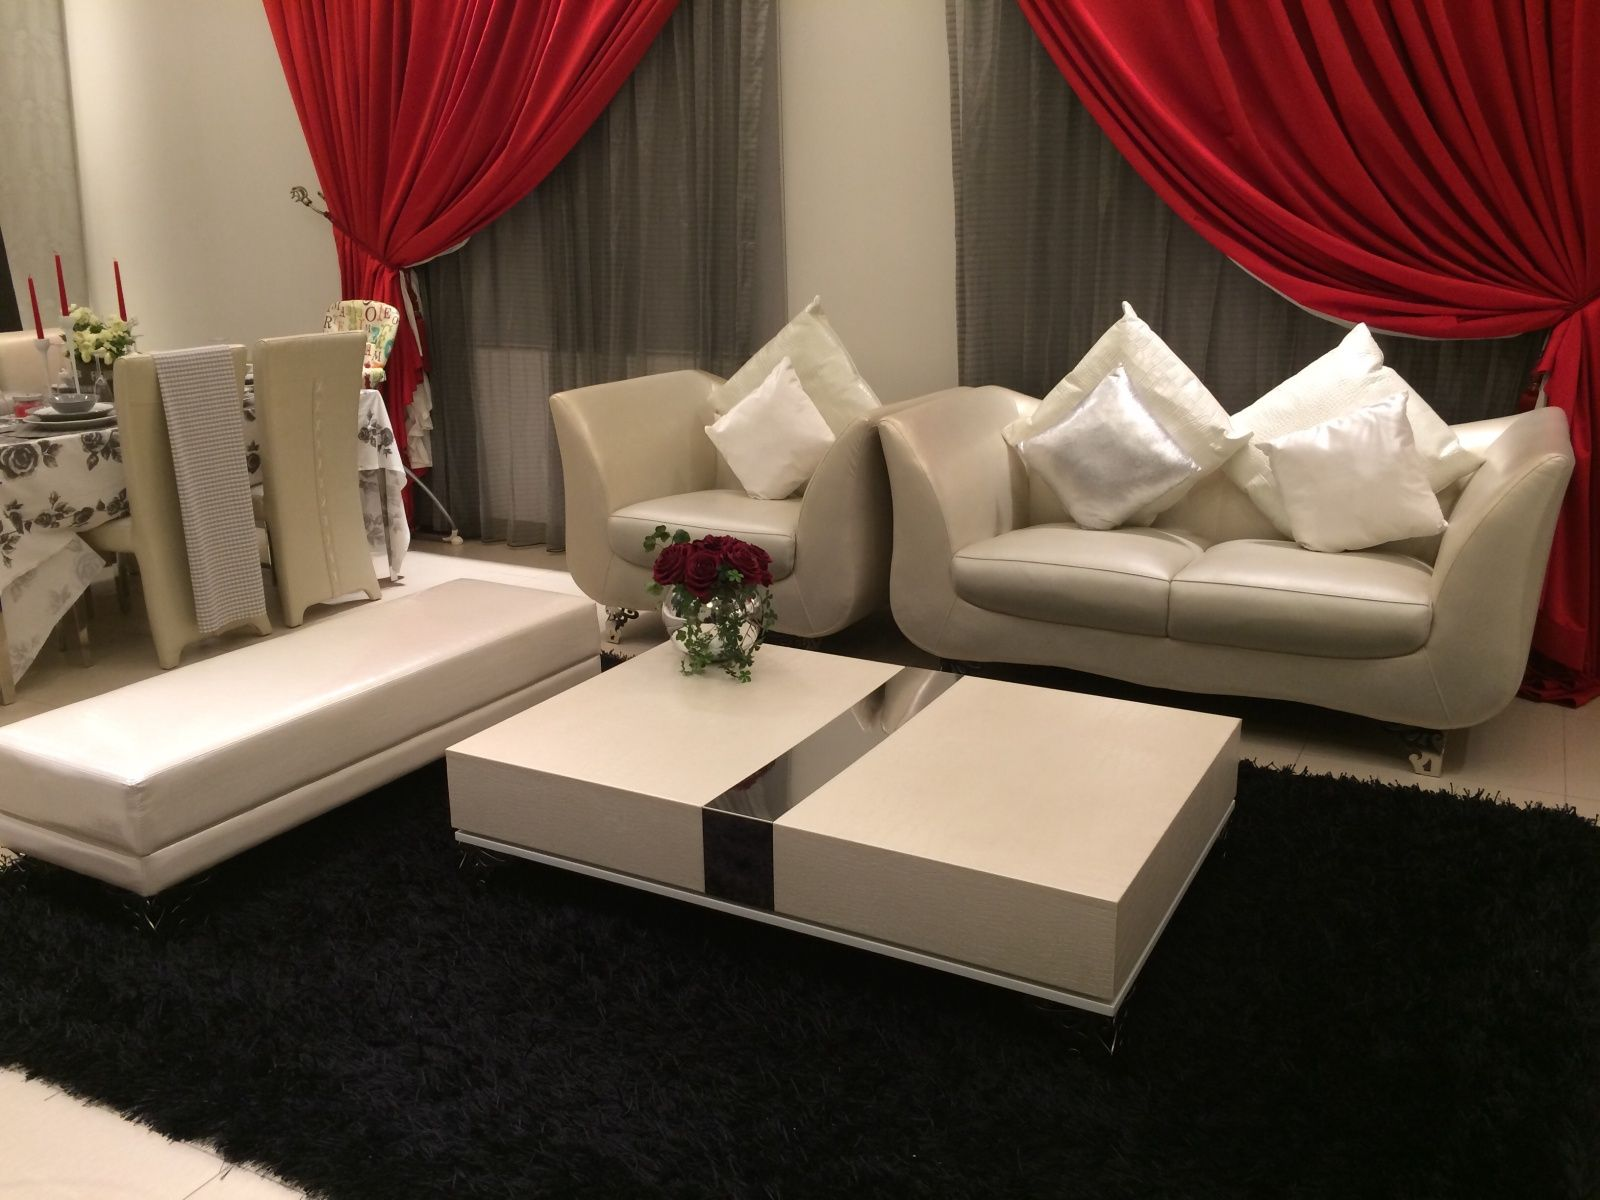 يمكنك الان مشاهدة العديد من قطع الاثاث المستعمل من خلال منزلك وعلى موقعنا حراج اثاث الذي يتوفر به العديد من القطع المميزة زور Home Decor Coffee Table Furniture